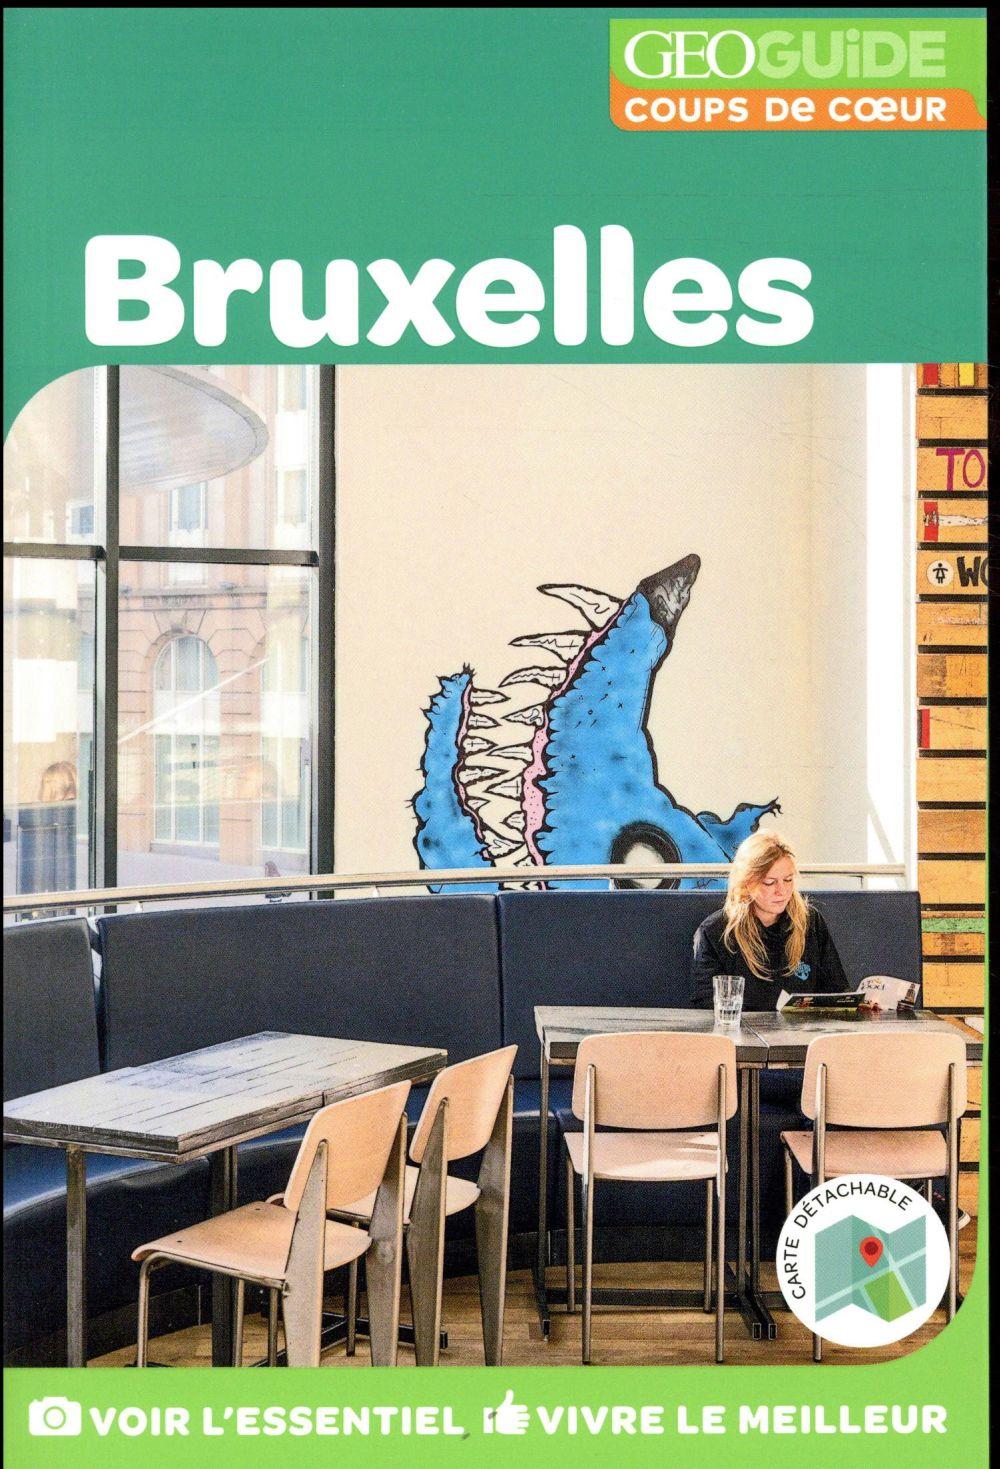 GEOguide coups de coeur ; Bruxelles